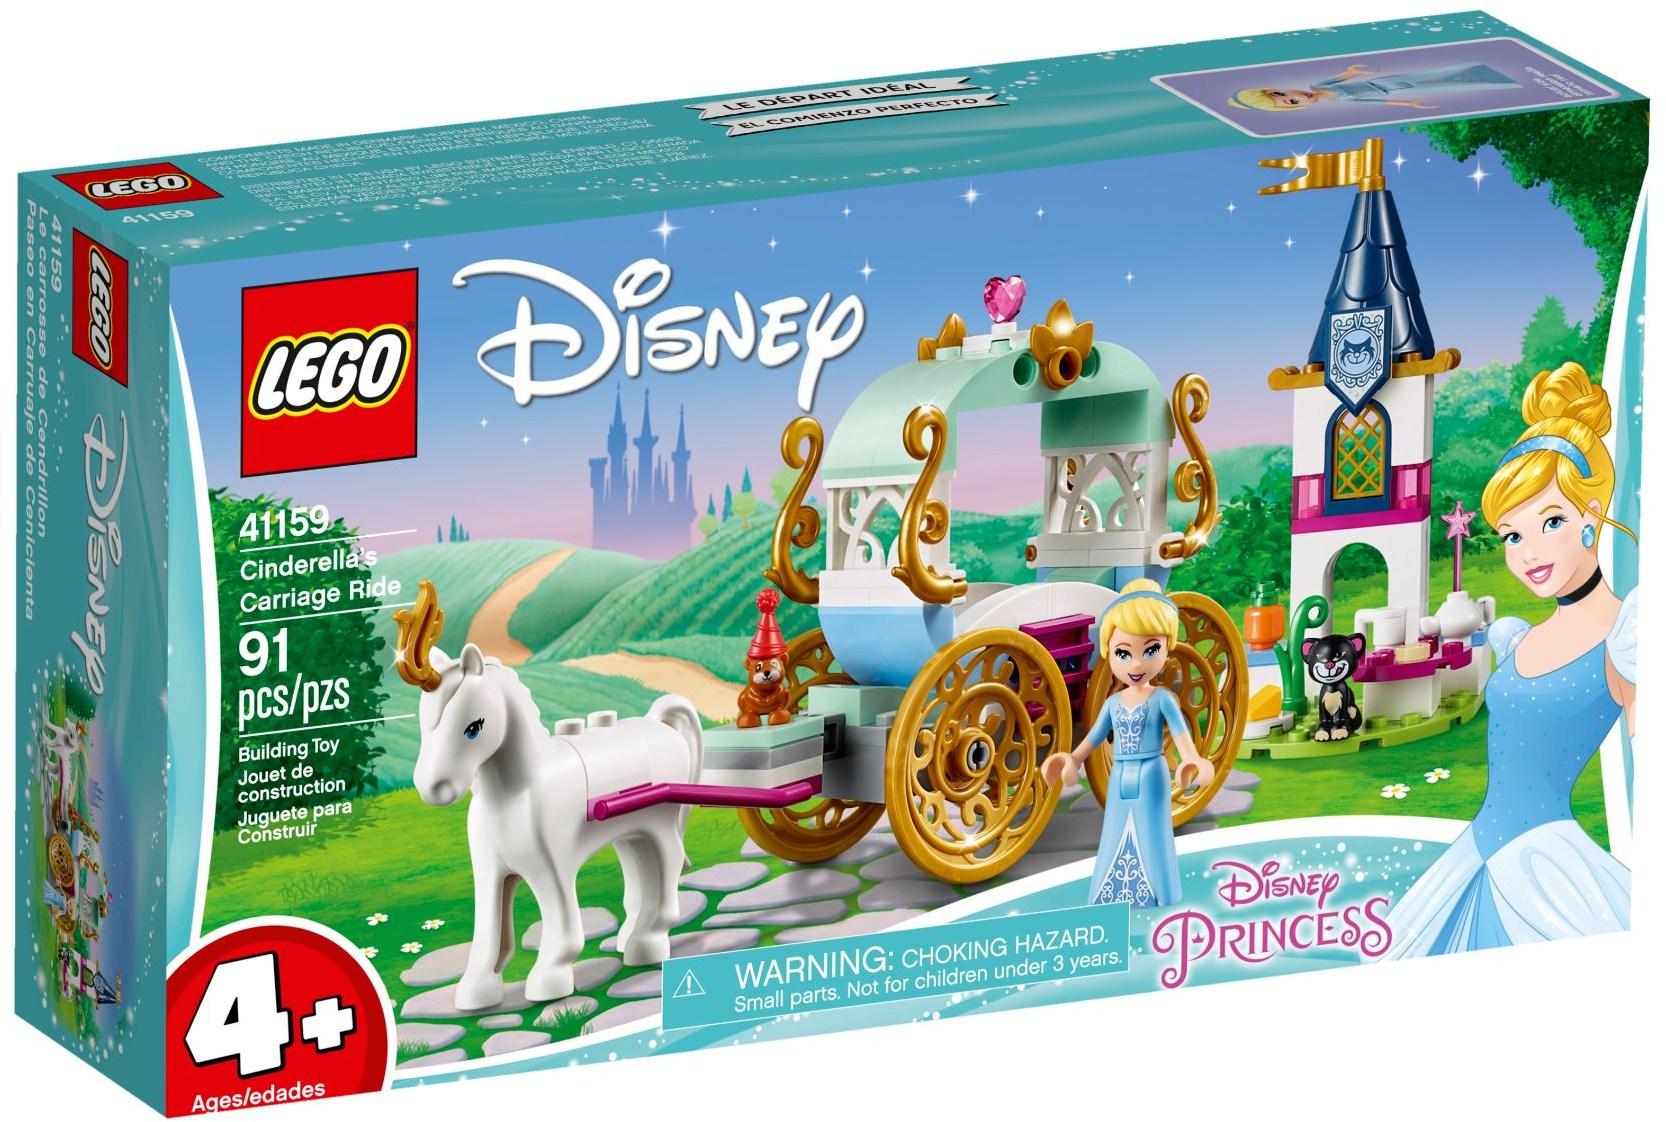 LEGO CINDERELLAS CARRIAGE RIDE - 41159